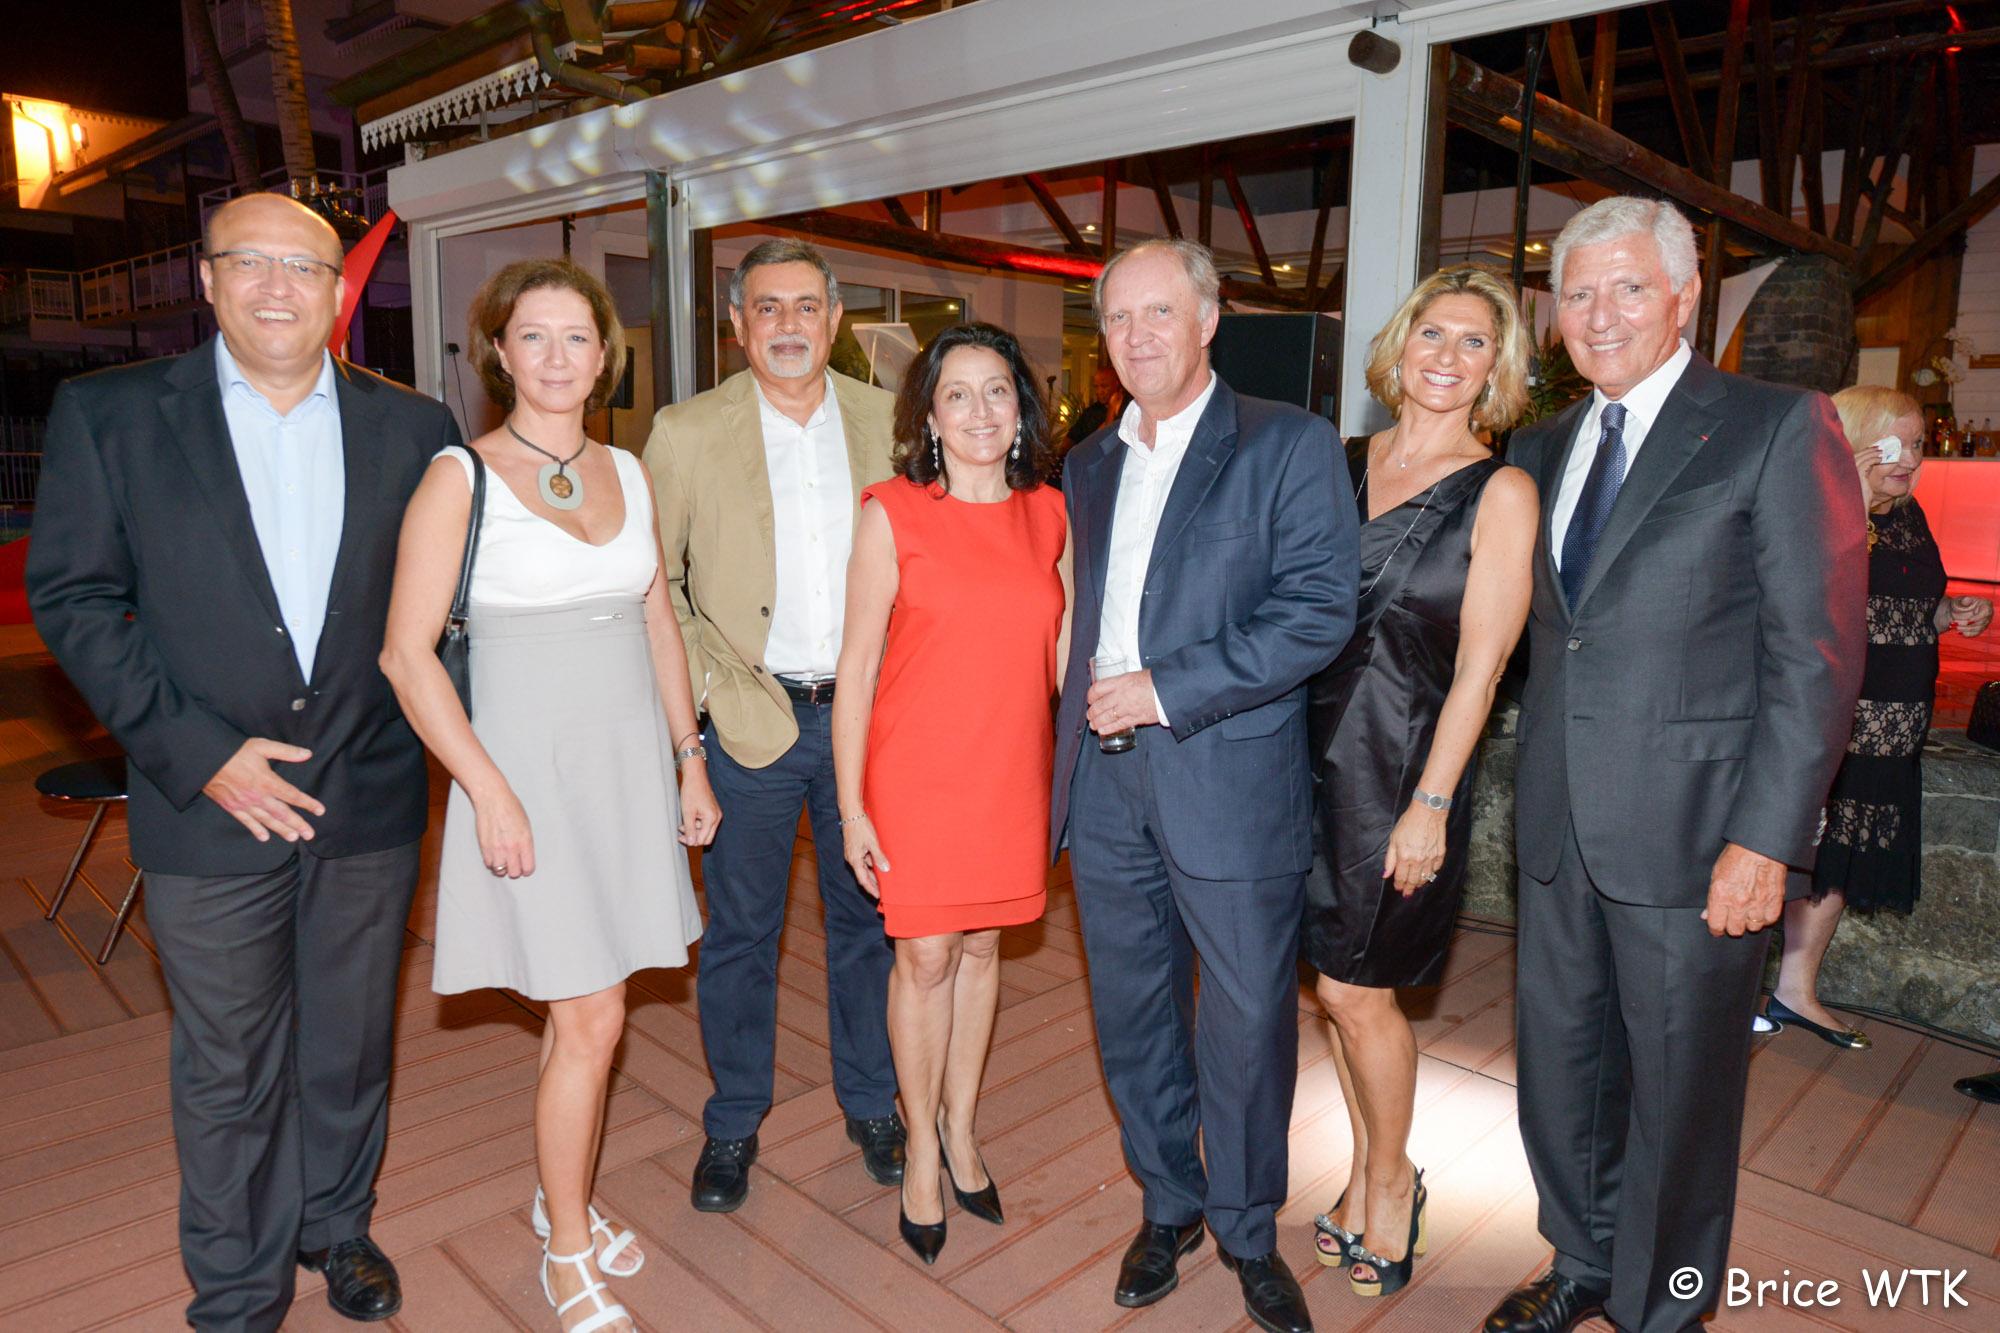 Frederic Alory, directeur régional d'Air France, Alice Bordier, Youssouf Mohamed, Elisabeth et Bertrand Guillot, Laurence et Jean-Pierre Haggai